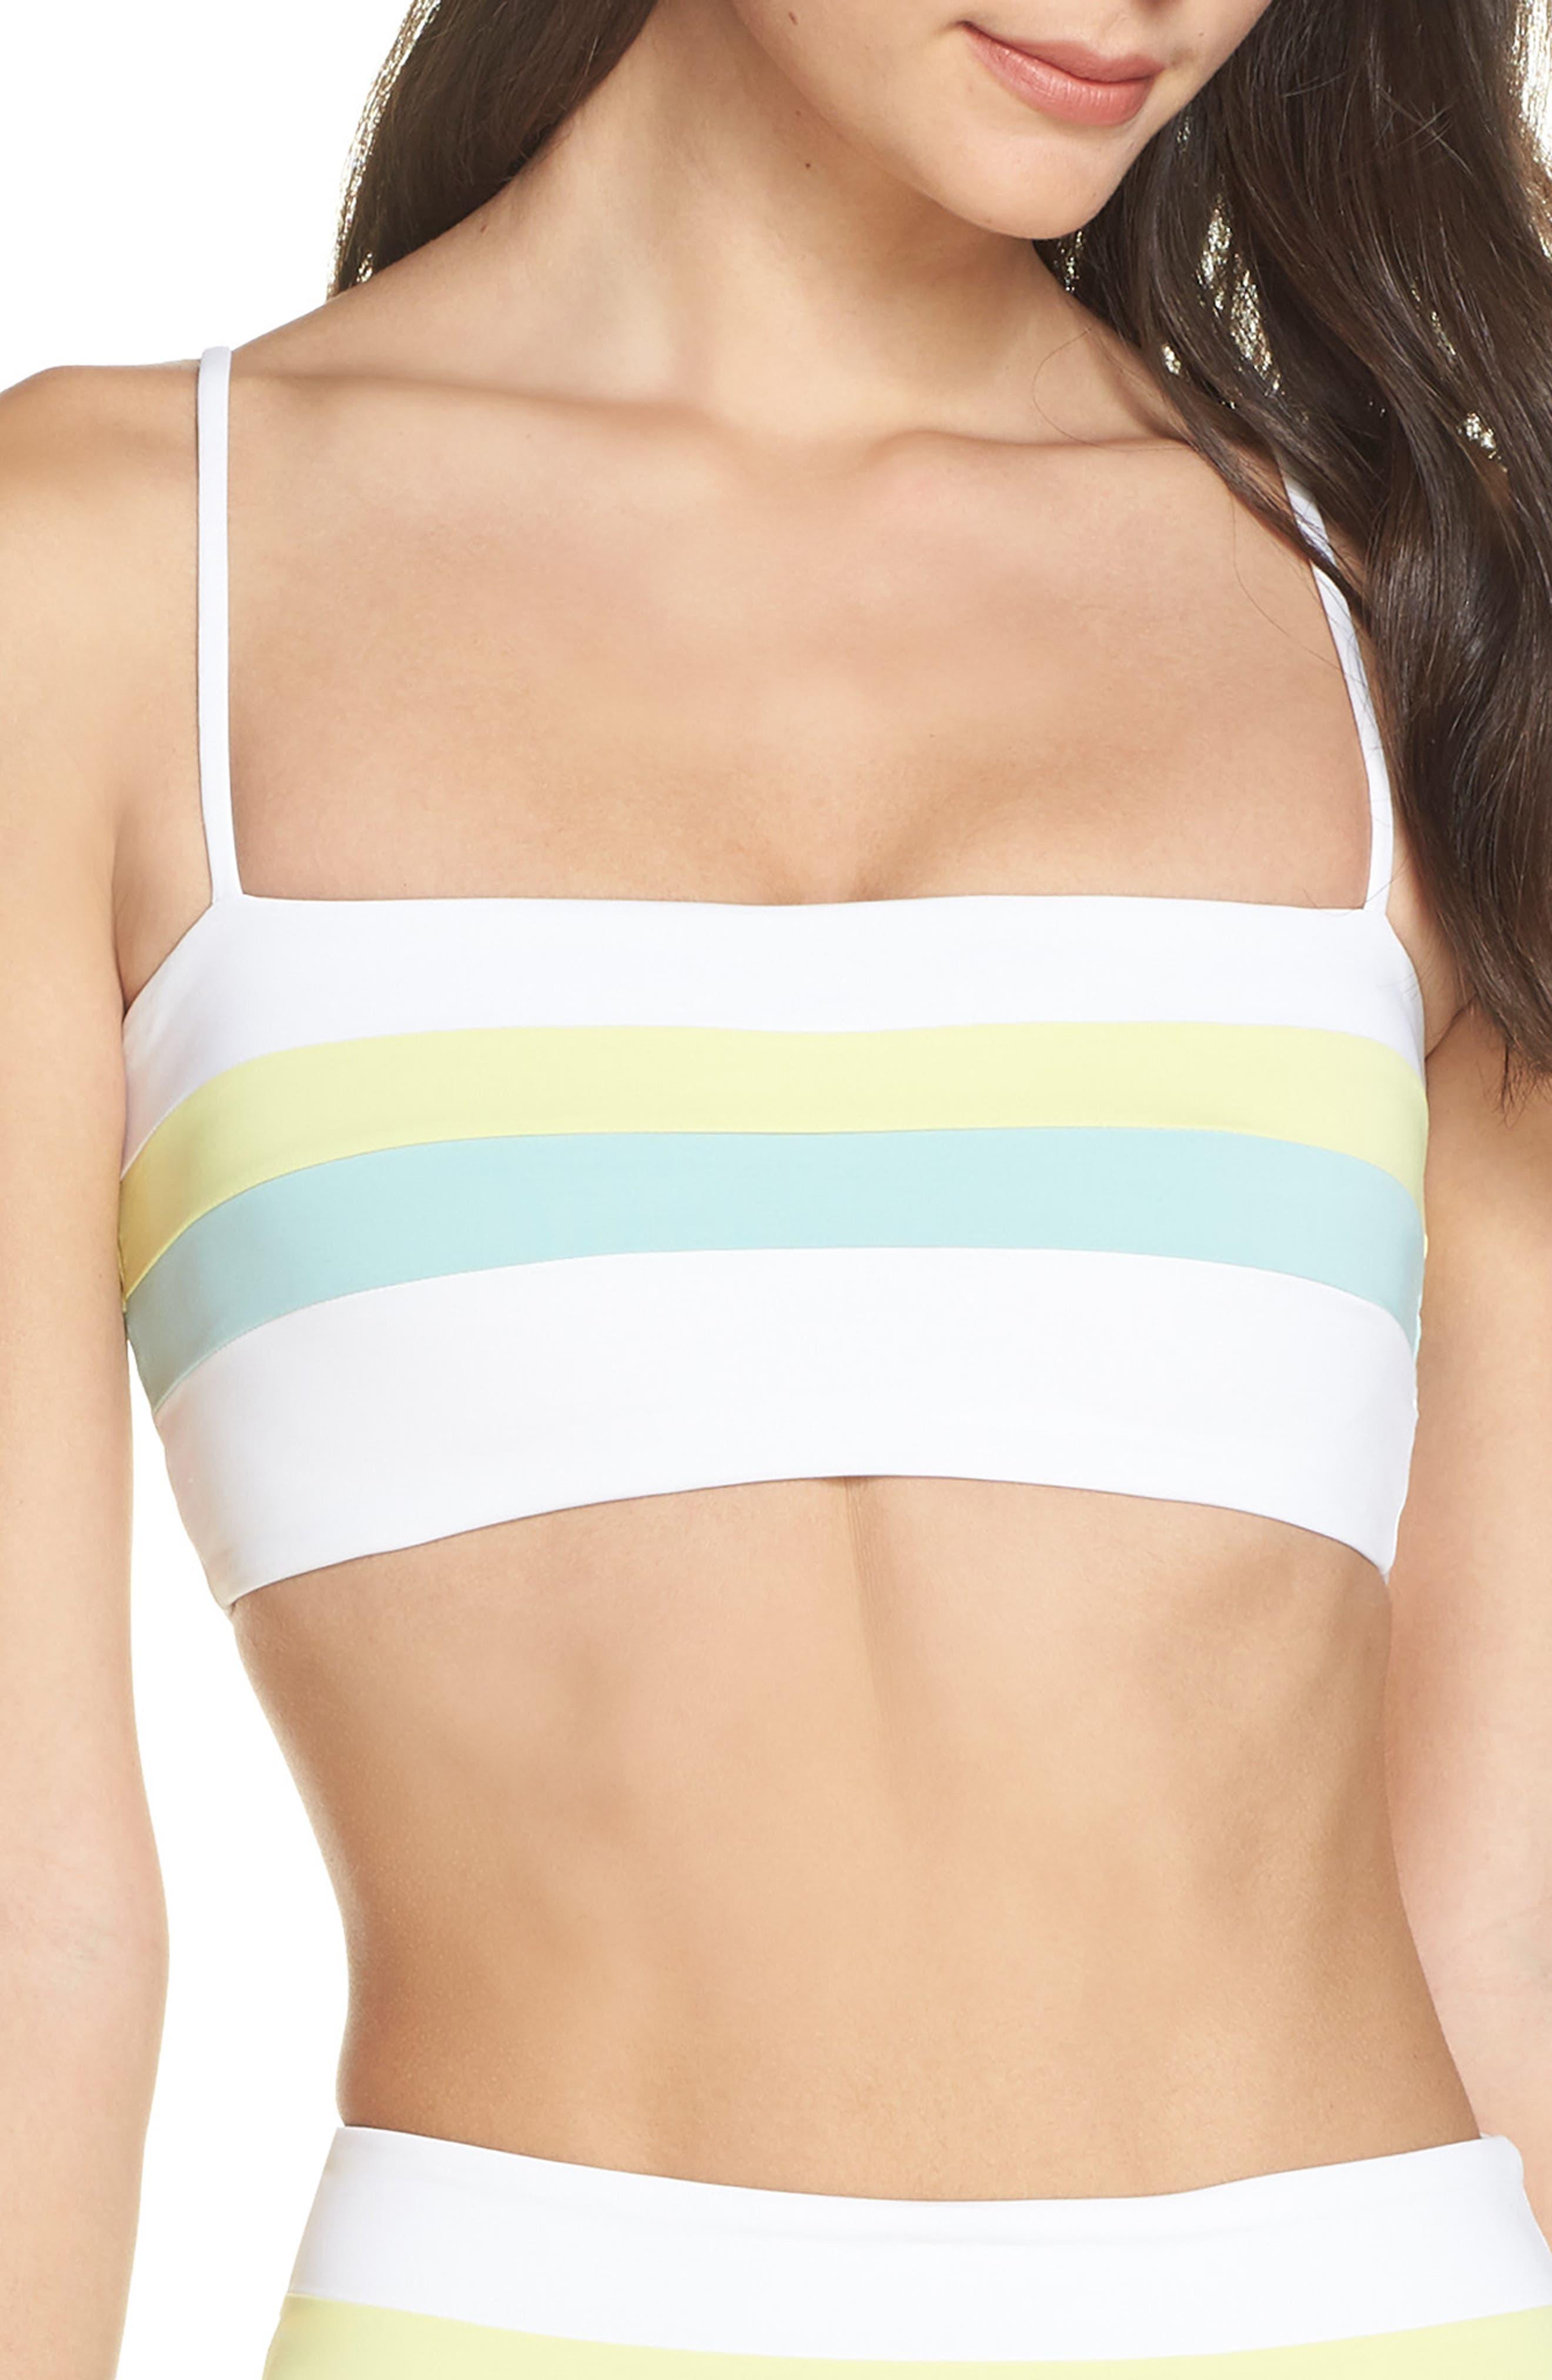 L SPACE,                             Rebel Bikini Top,                             Main thumbnail 1, color,                             WHITE/ LIGHT TURQ/ LEMONADE